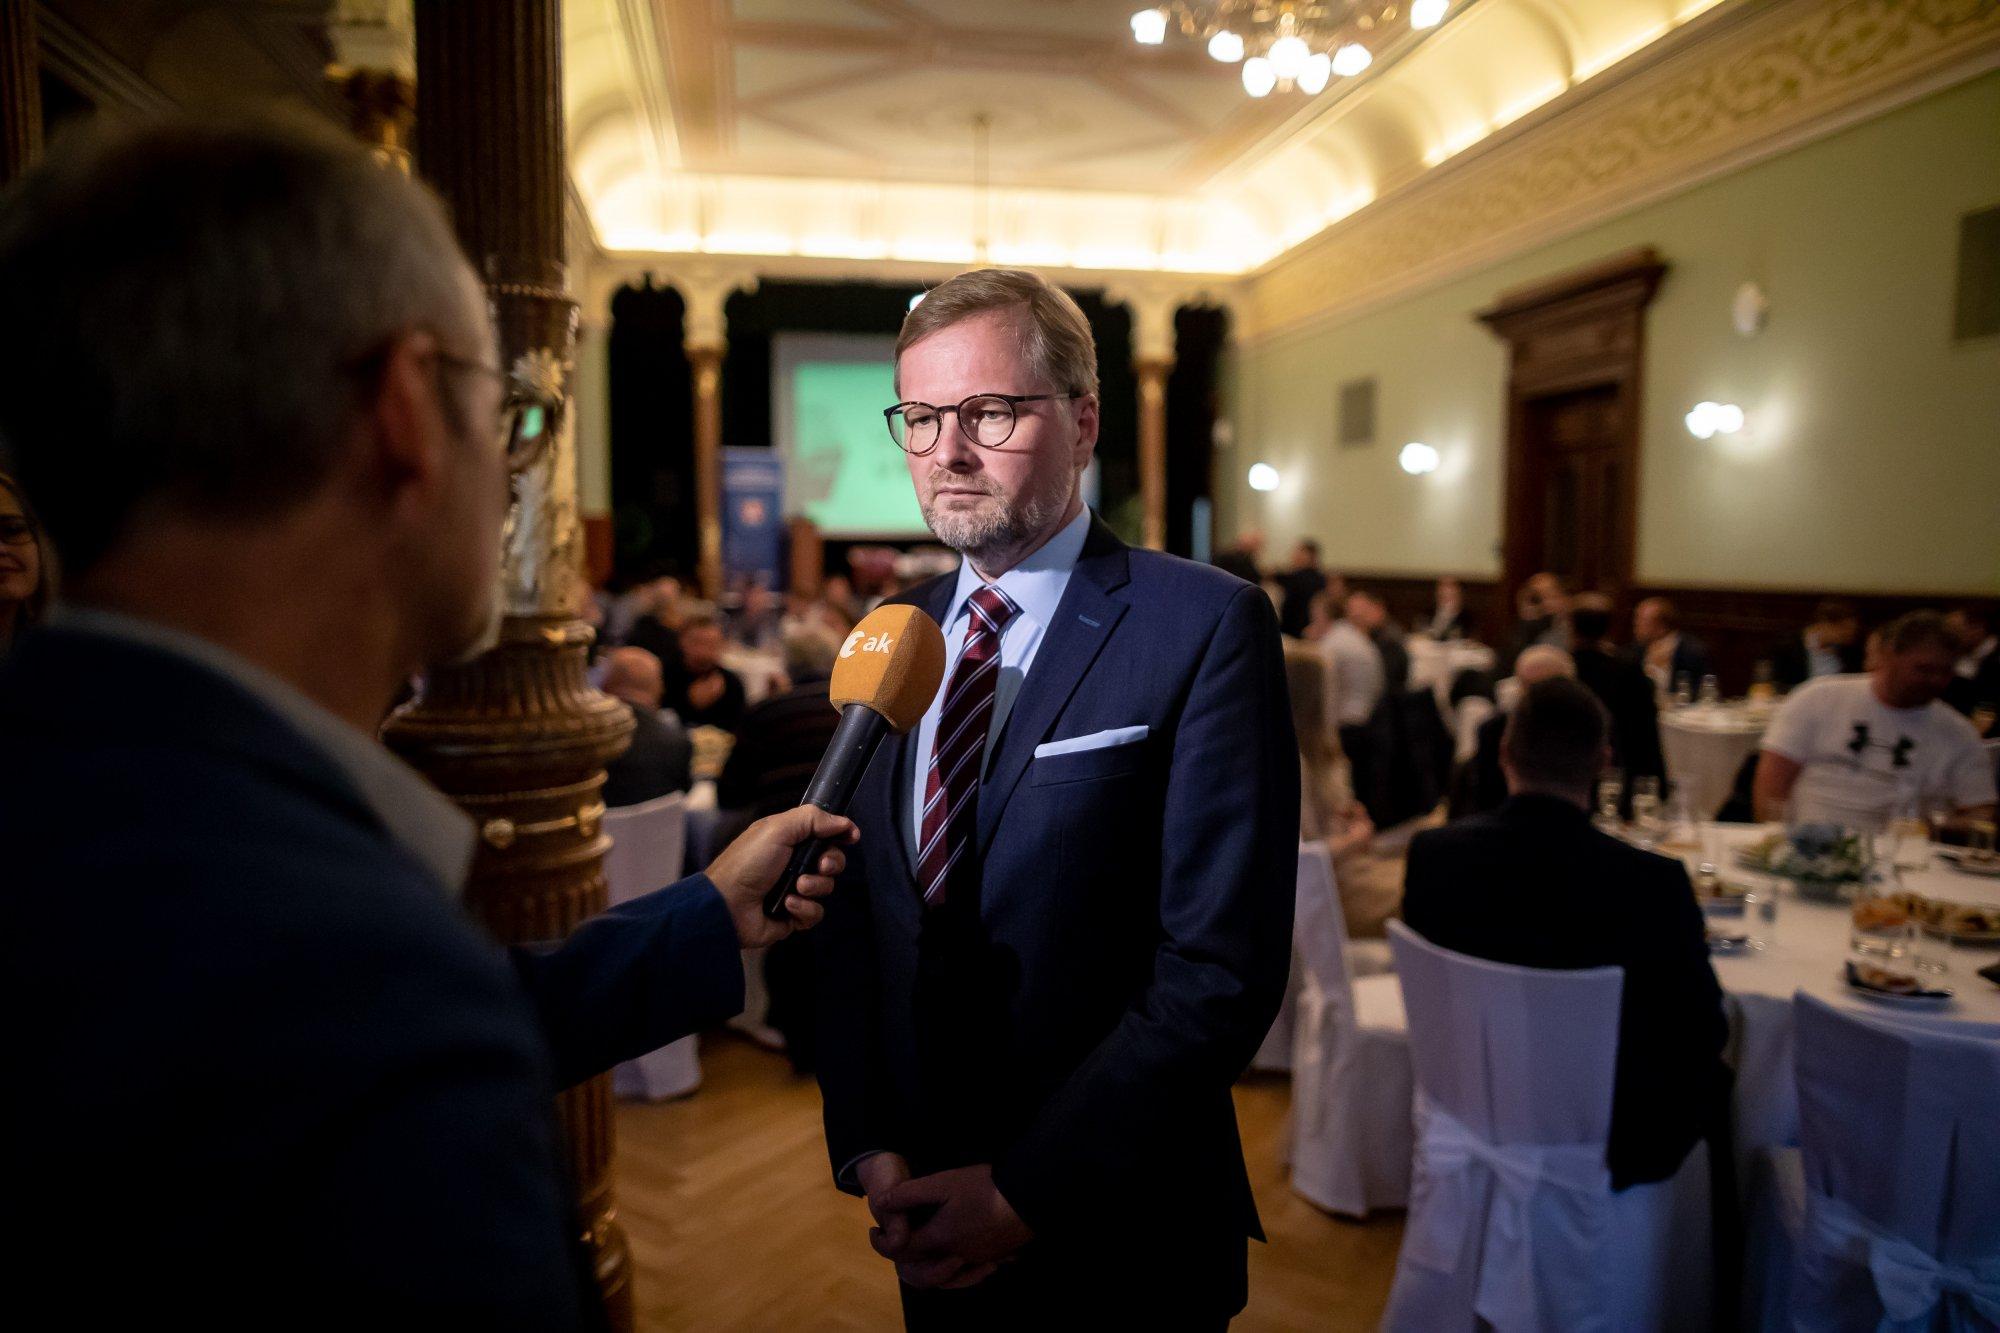 Petr Fiala: Zahraniční politika? Zeman a Babiš se chovají jako děti, kterým někdo půjčil zápalky